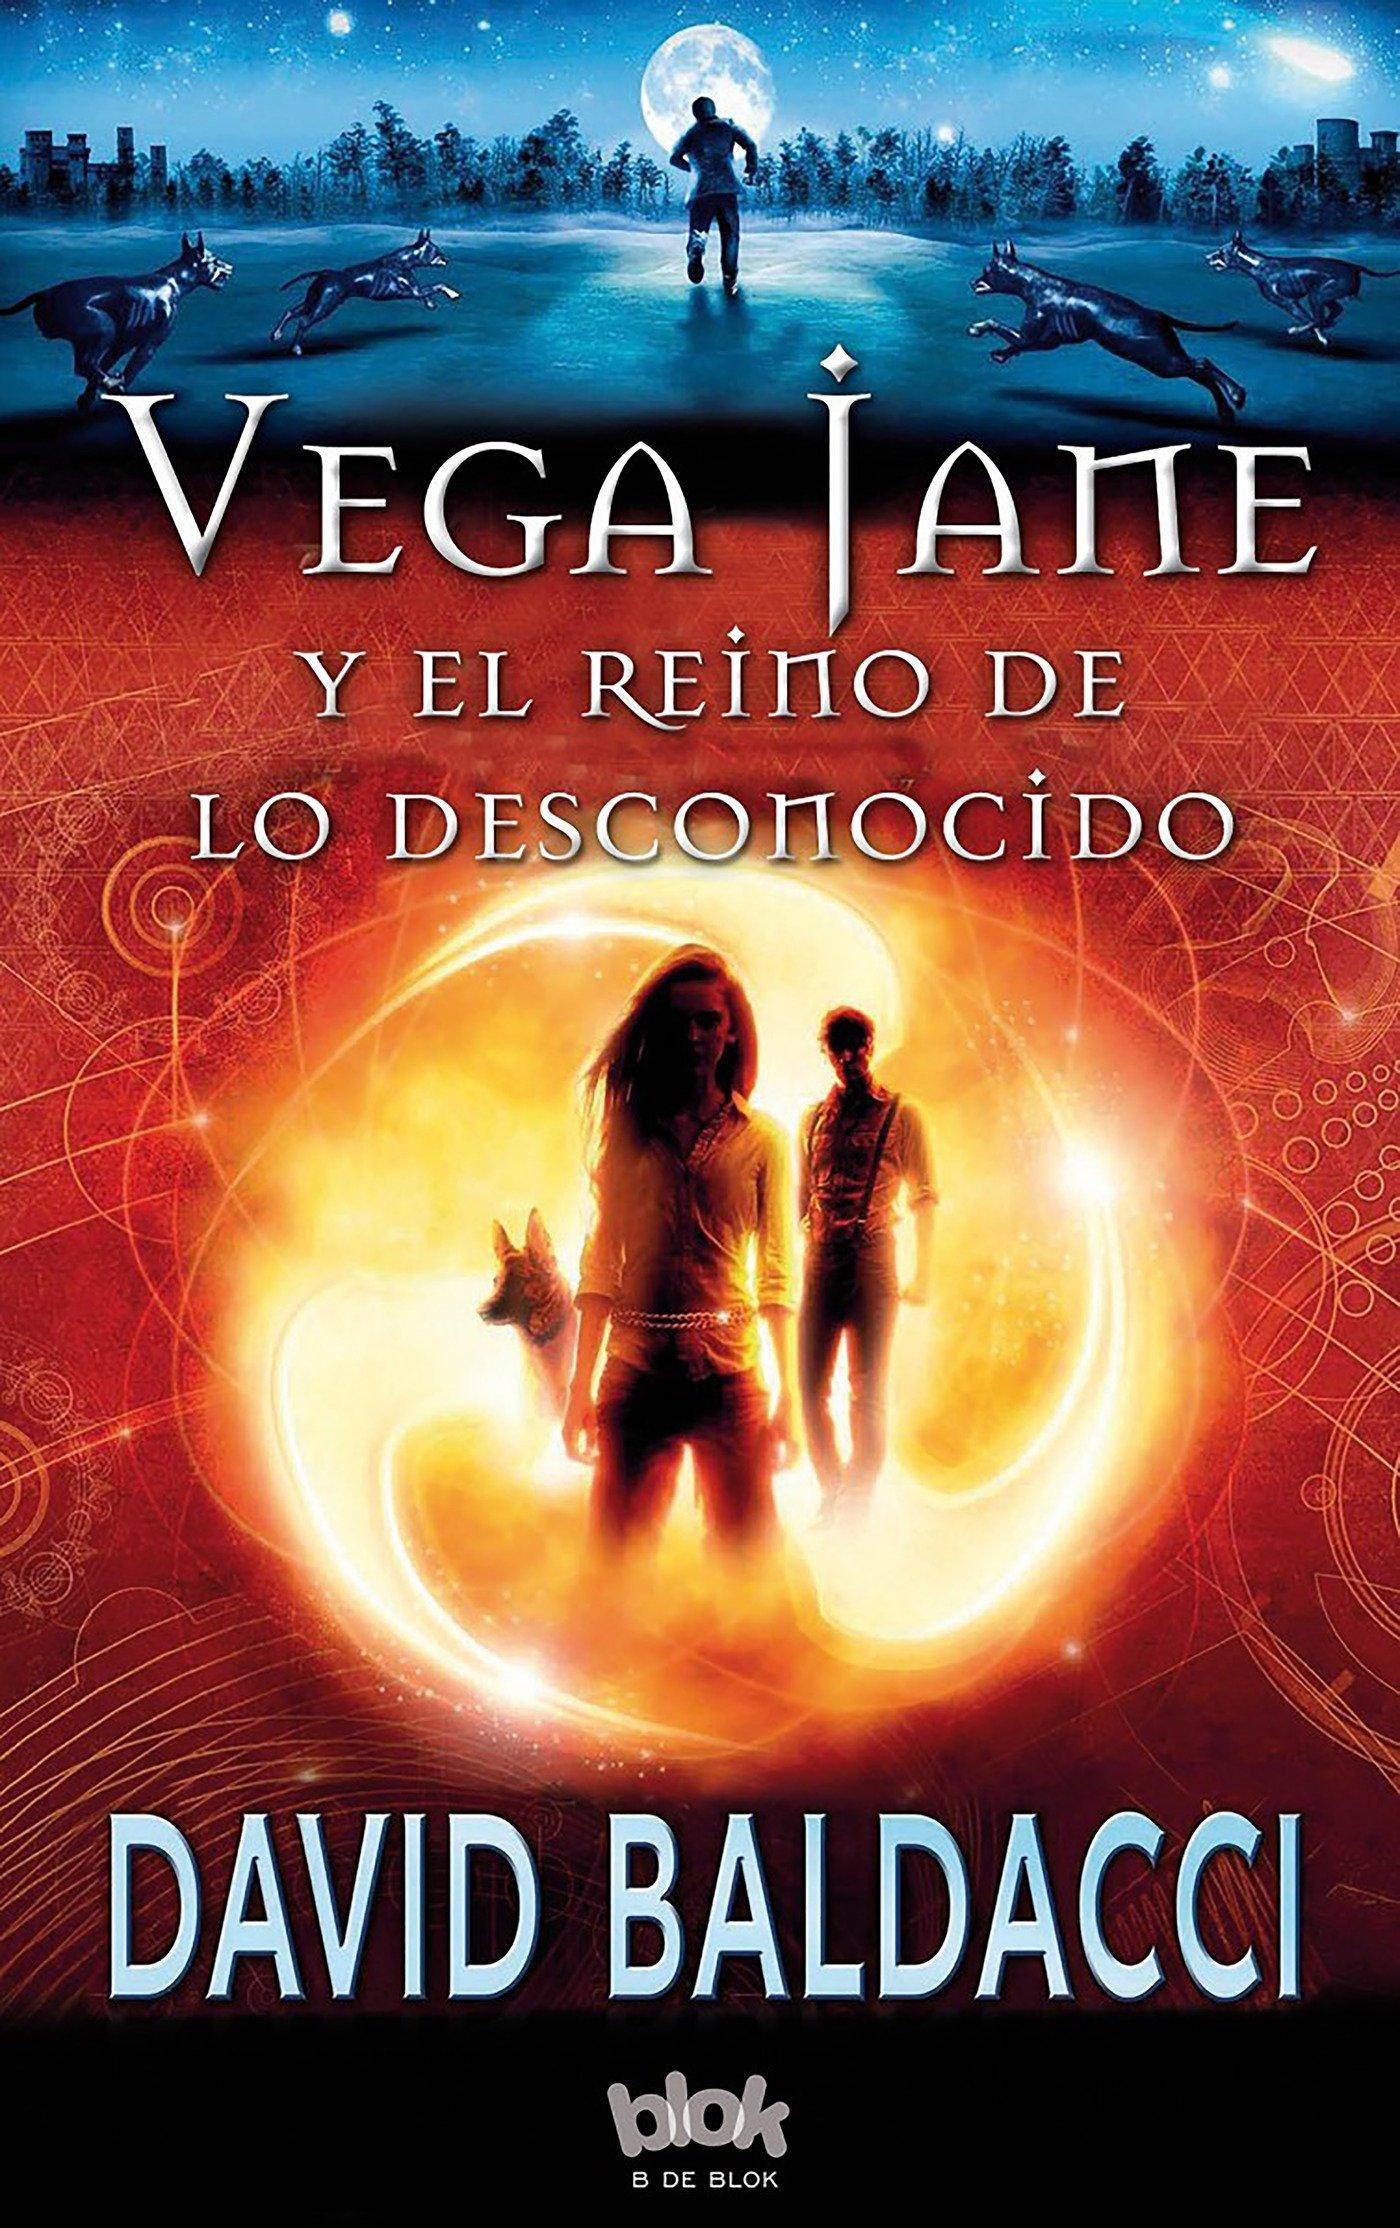 Vega Jane y el reino de lo desconocido Serie de Vega Jane 1 Escritura desatada: Amazon.es: David Baldacci: Libros